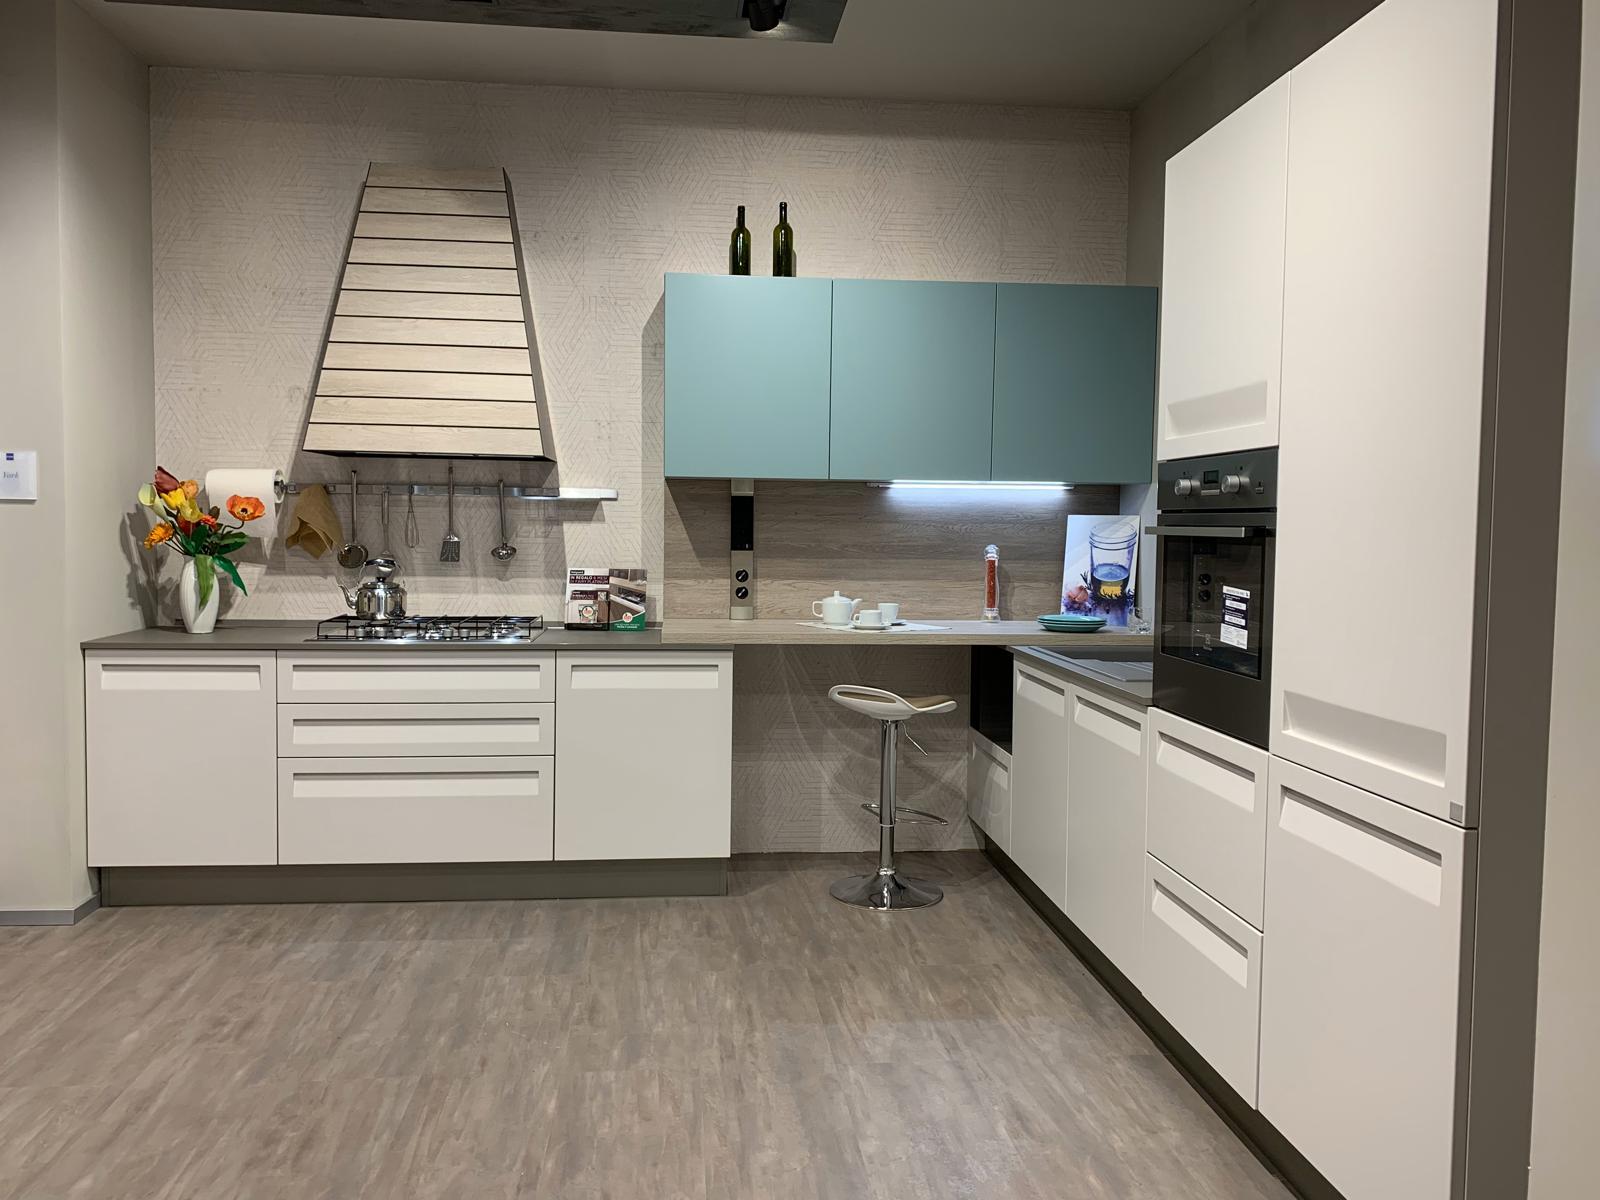 Cucine Stosa Prezzi 2018 cucina di esposizione sconto 40% | feam